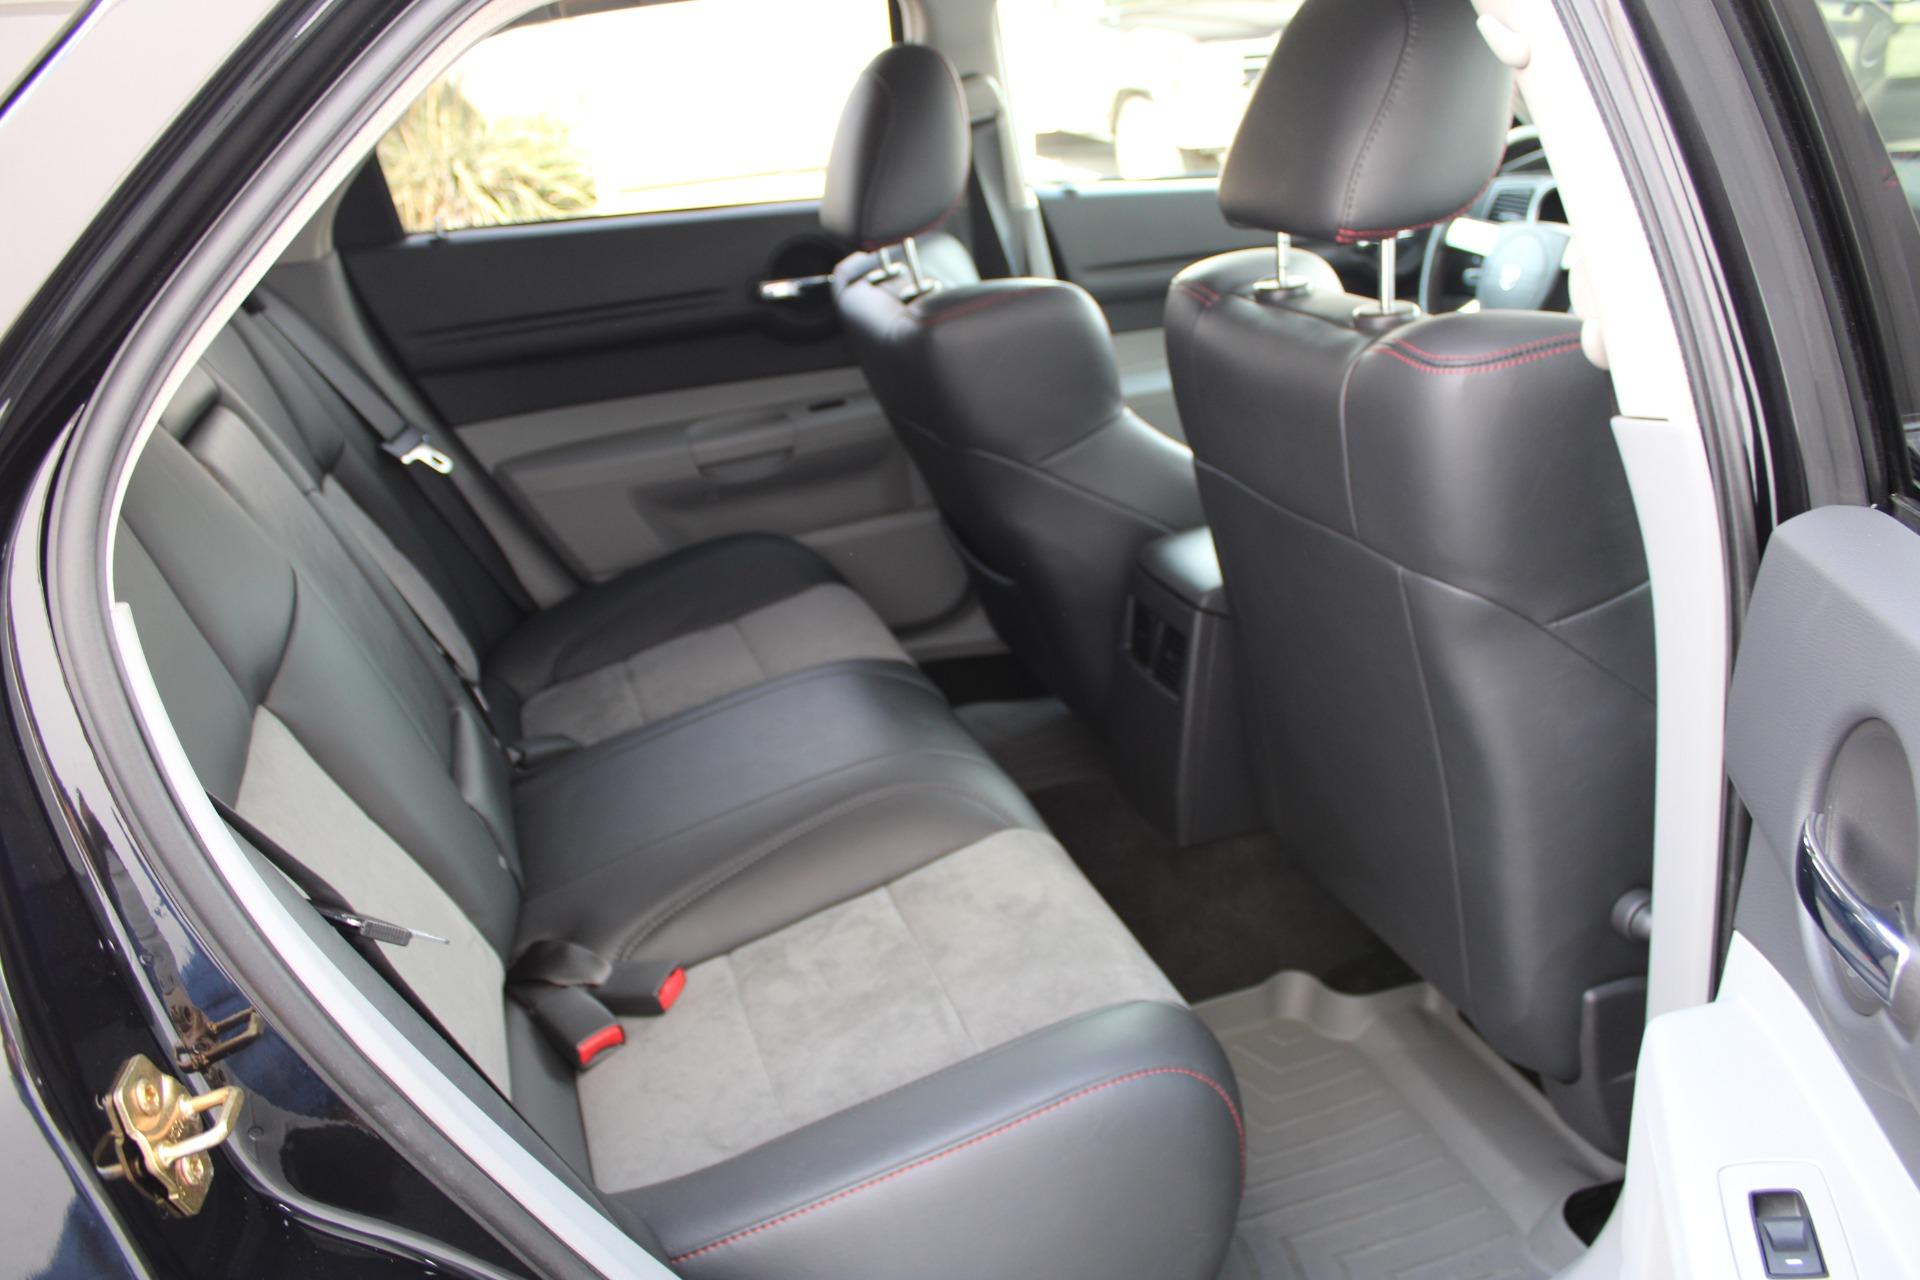 Used-2006-Dodge-Magnum-SRT8-Camaro